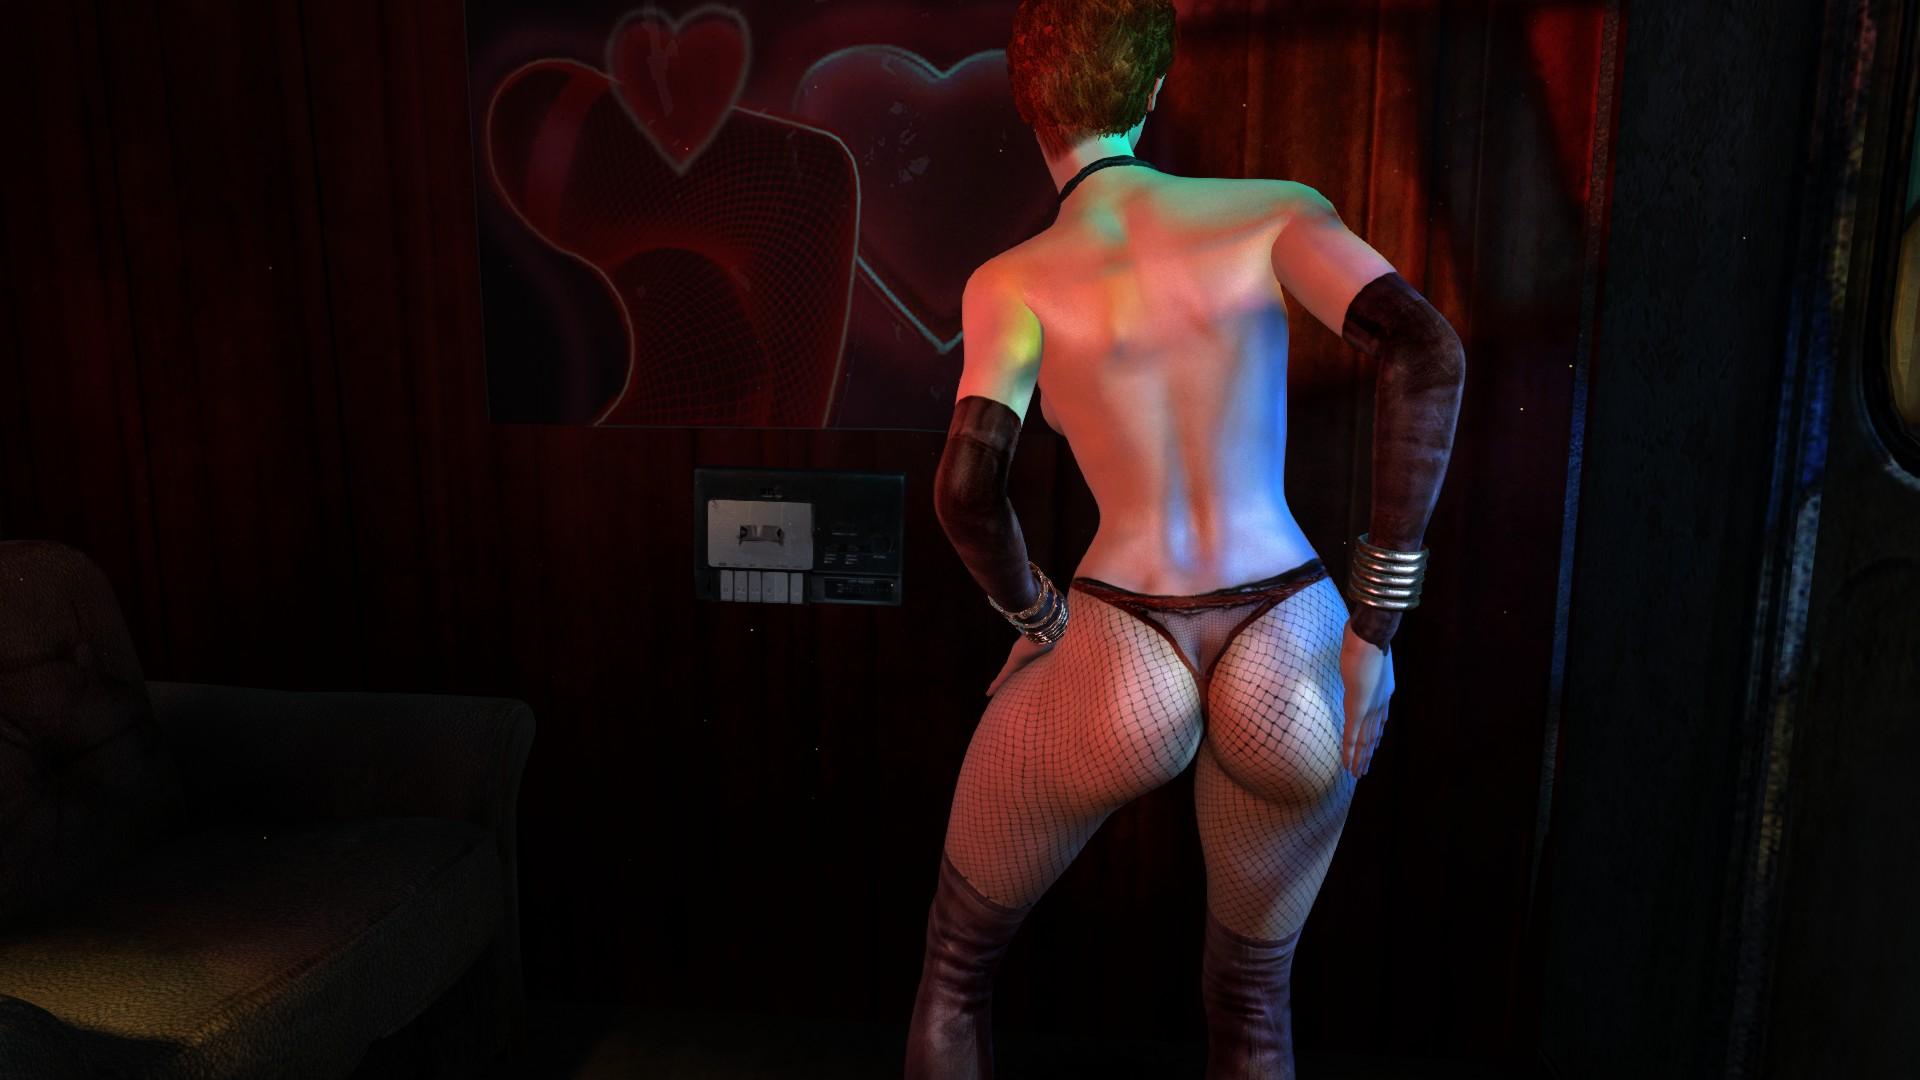 legkie-seks-igri